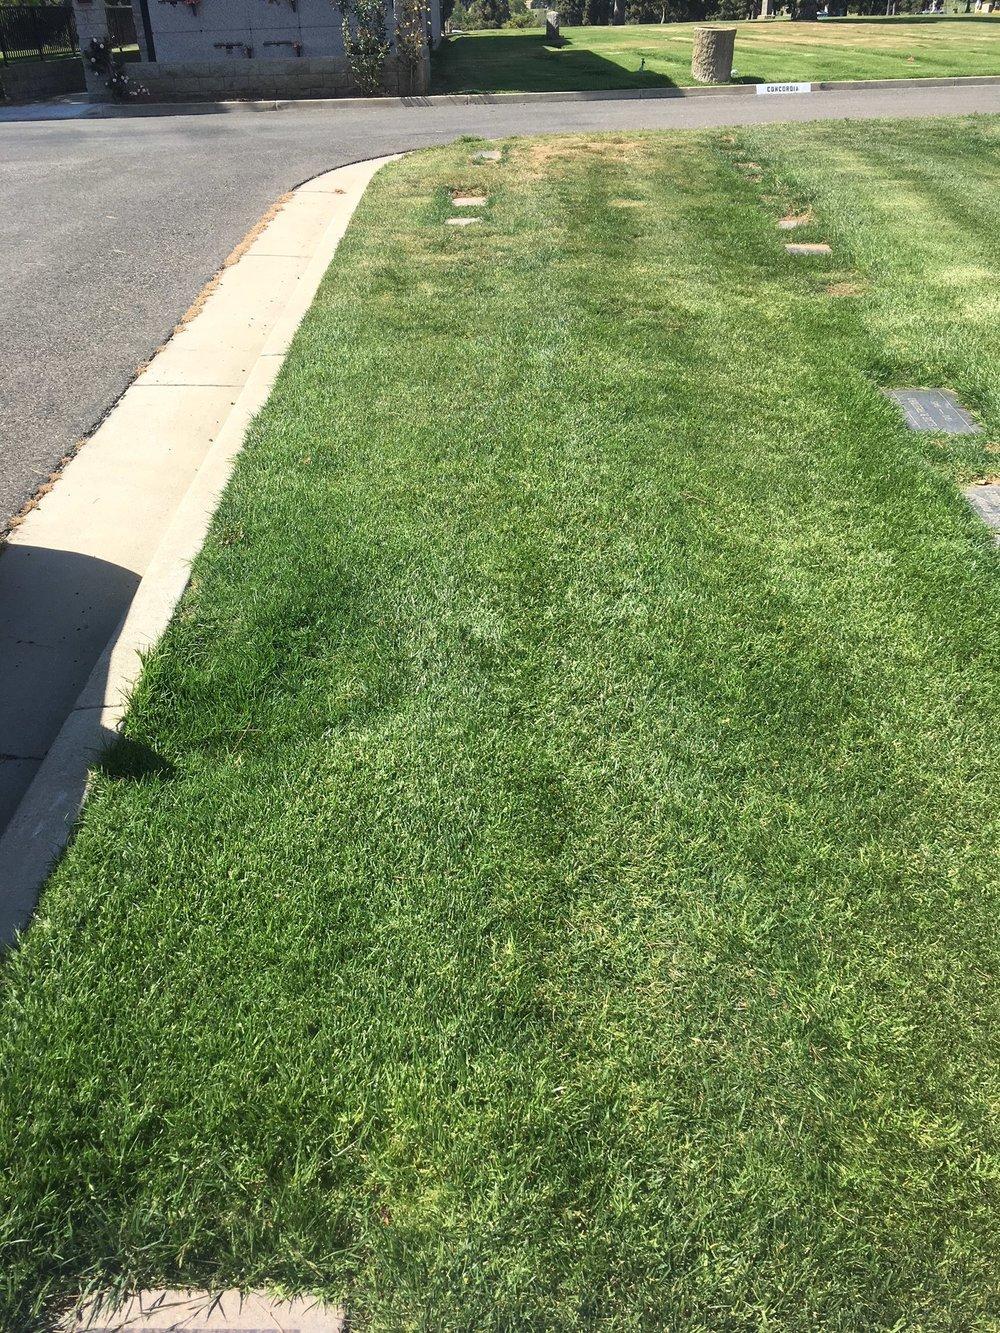 Joe Keaton is buried in, in this unmarked gravesite.